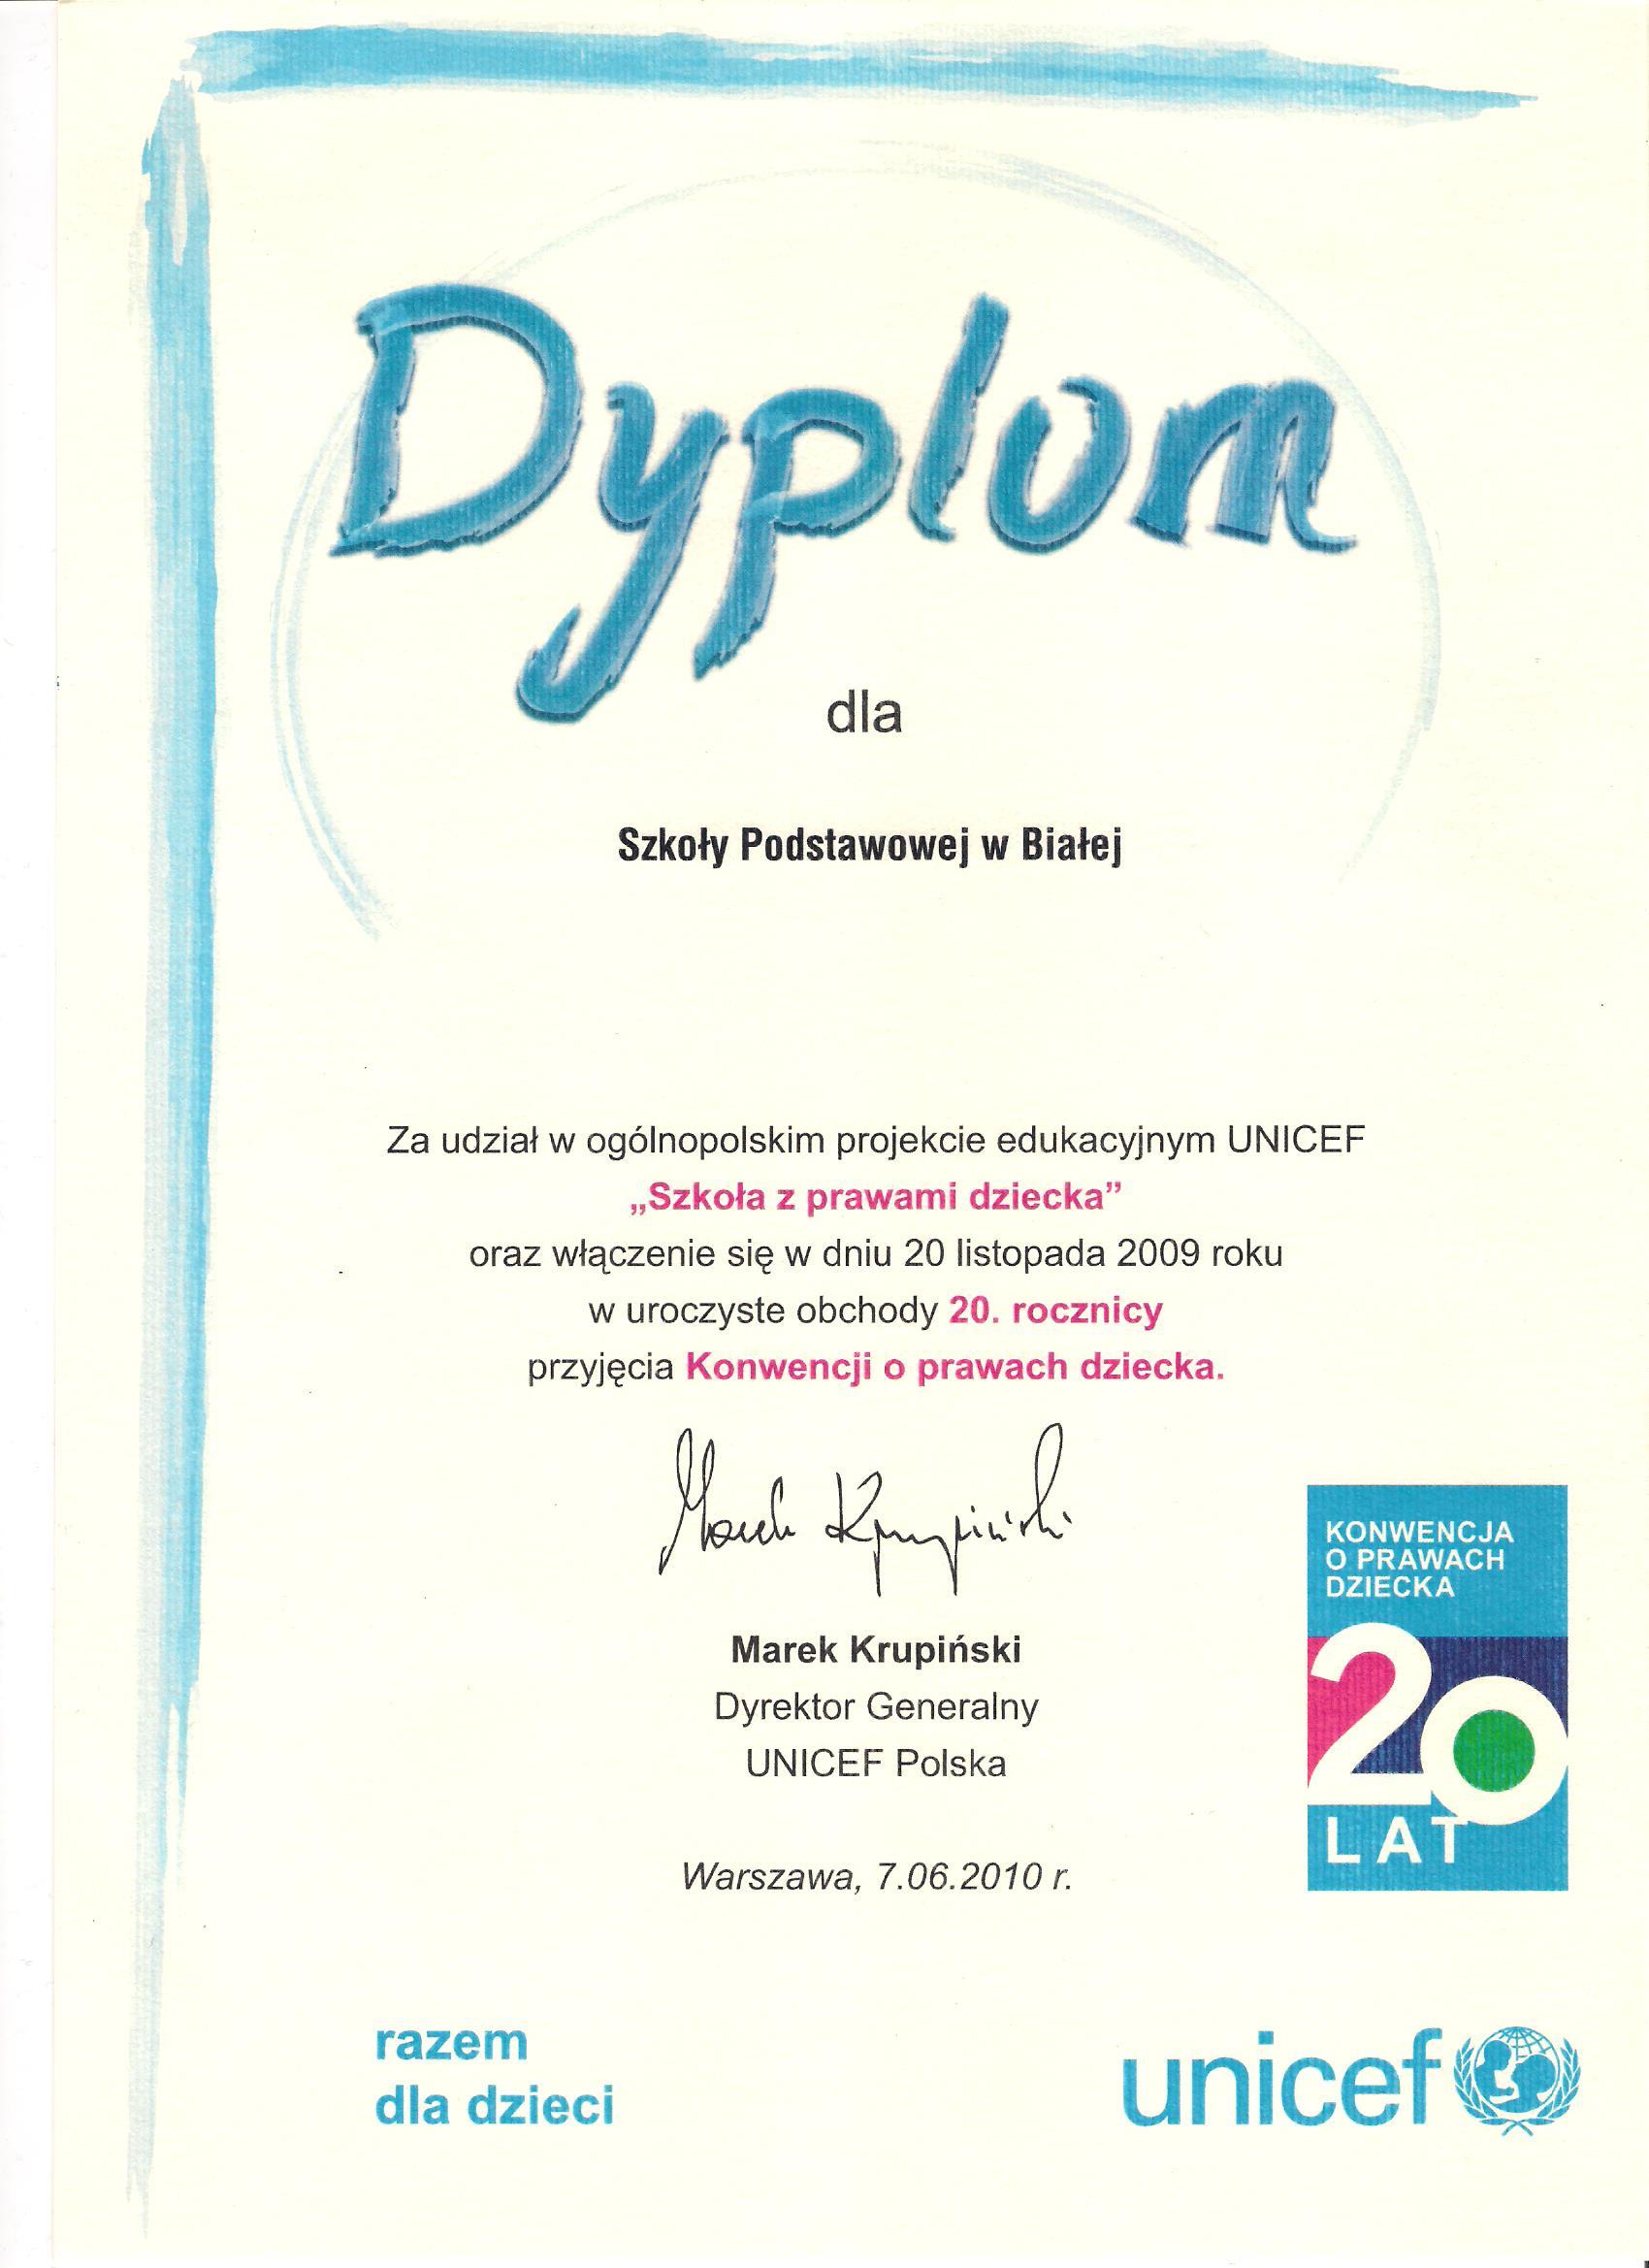 http://www.spbiala.szkolnastrona.pl/container///szkola_z_prawami_dziecka_001.jpg